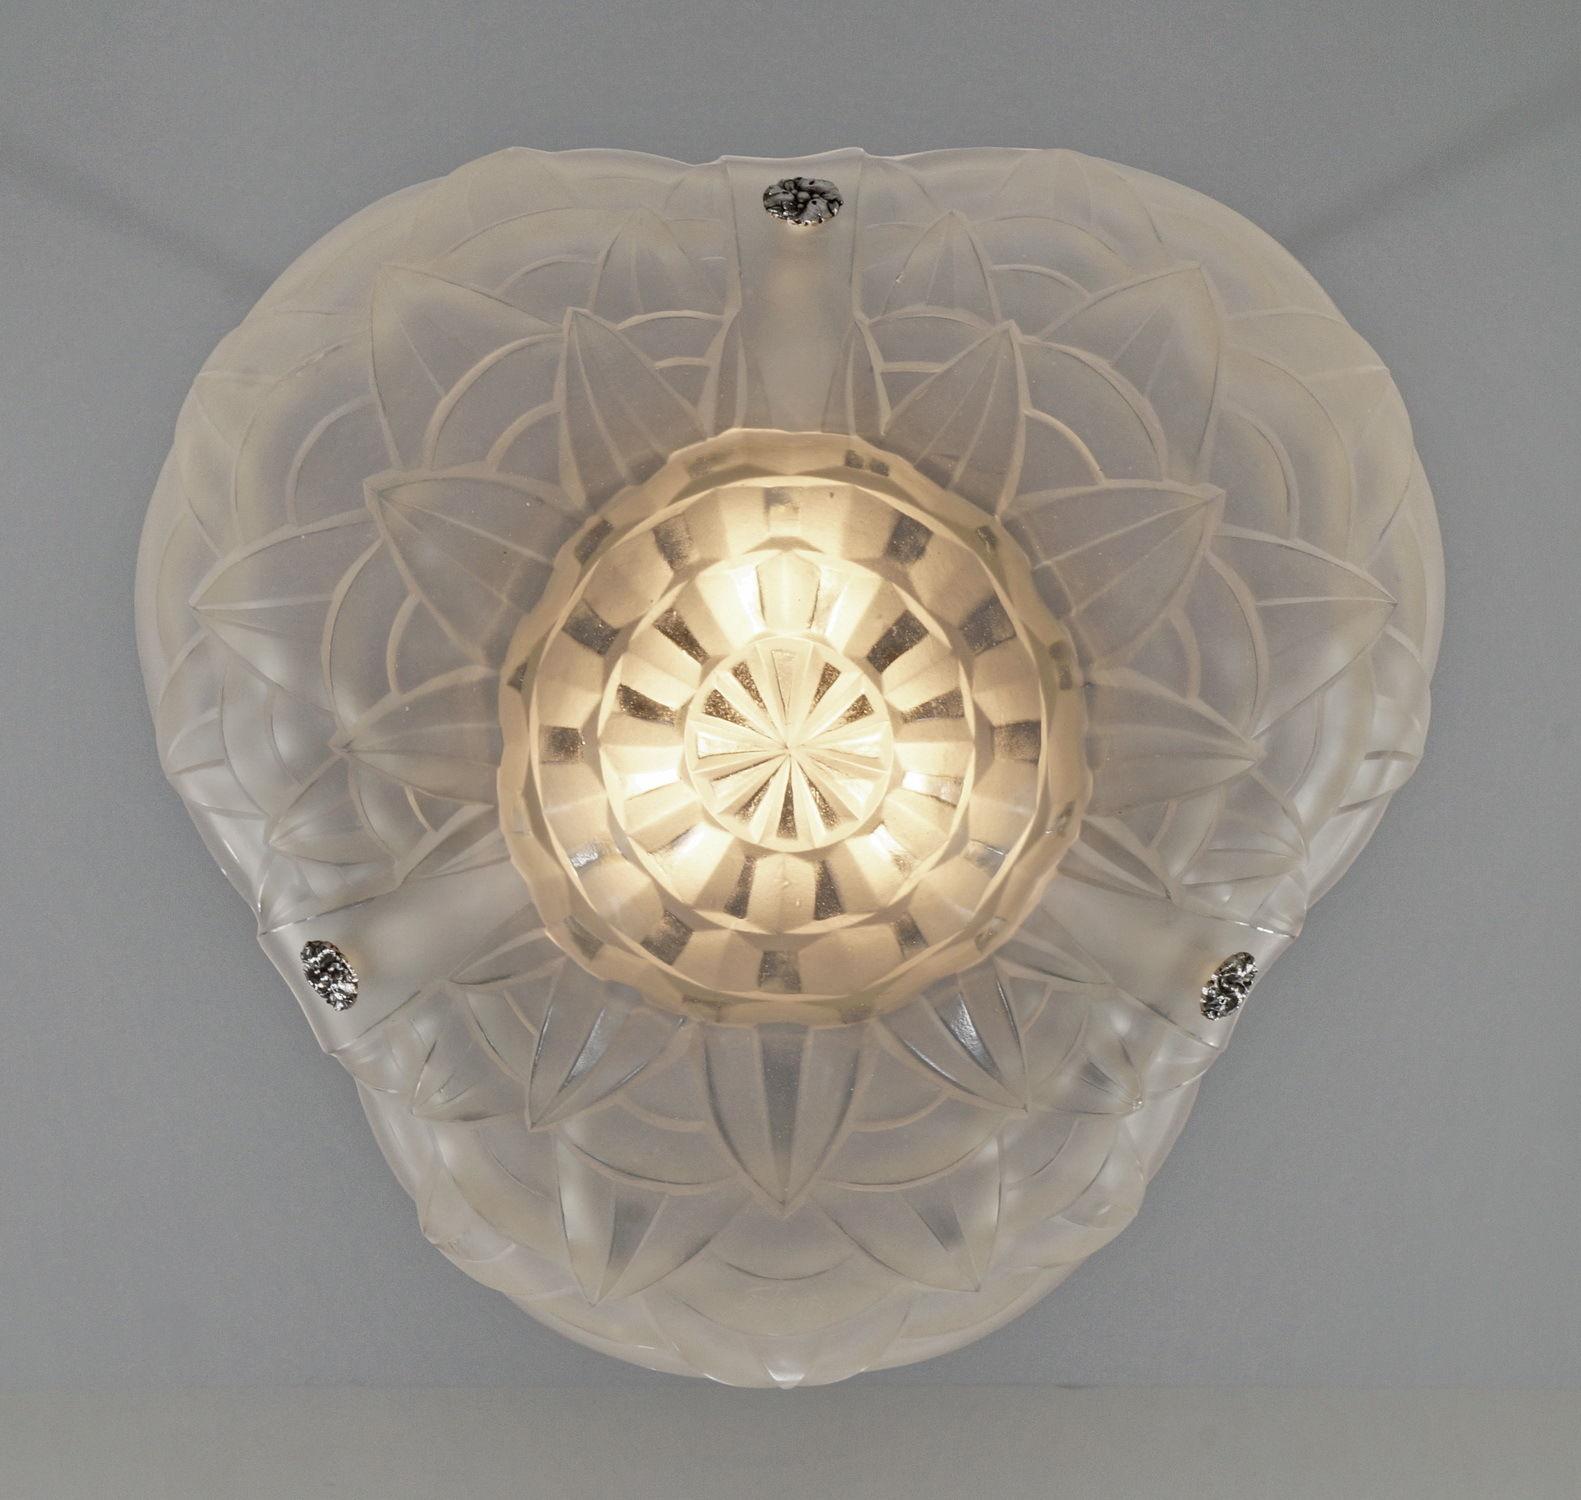 ドュゲ(Degue)幾何学模様のアンティーク照明 ペンダントシャンデリア